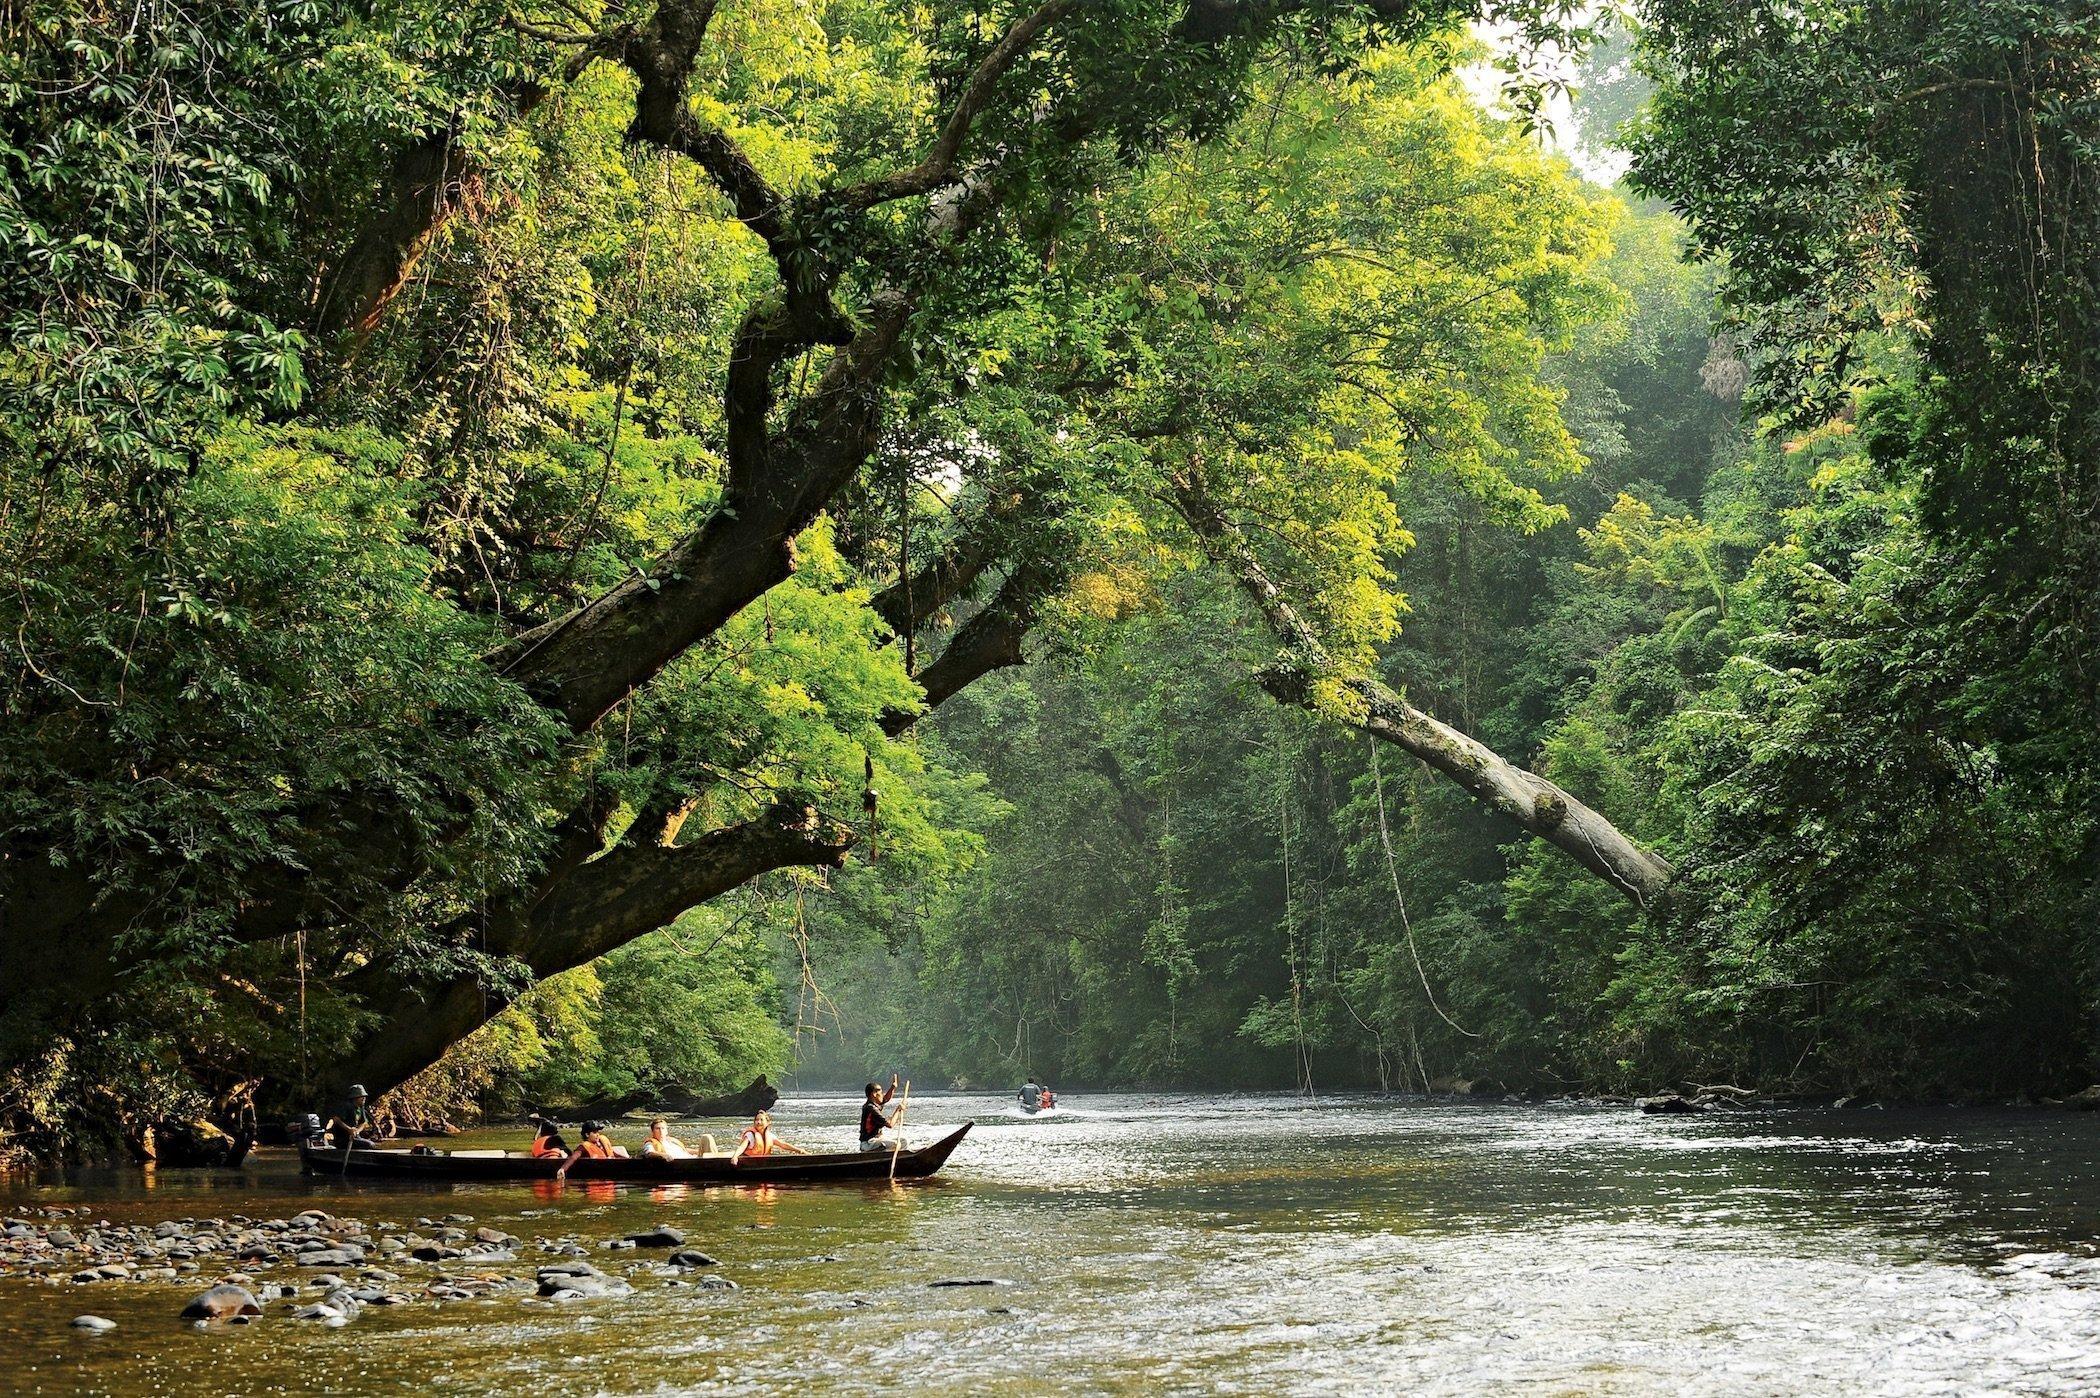 Turisti in barca nella foresta pluviale di Taman Negara, Malesia